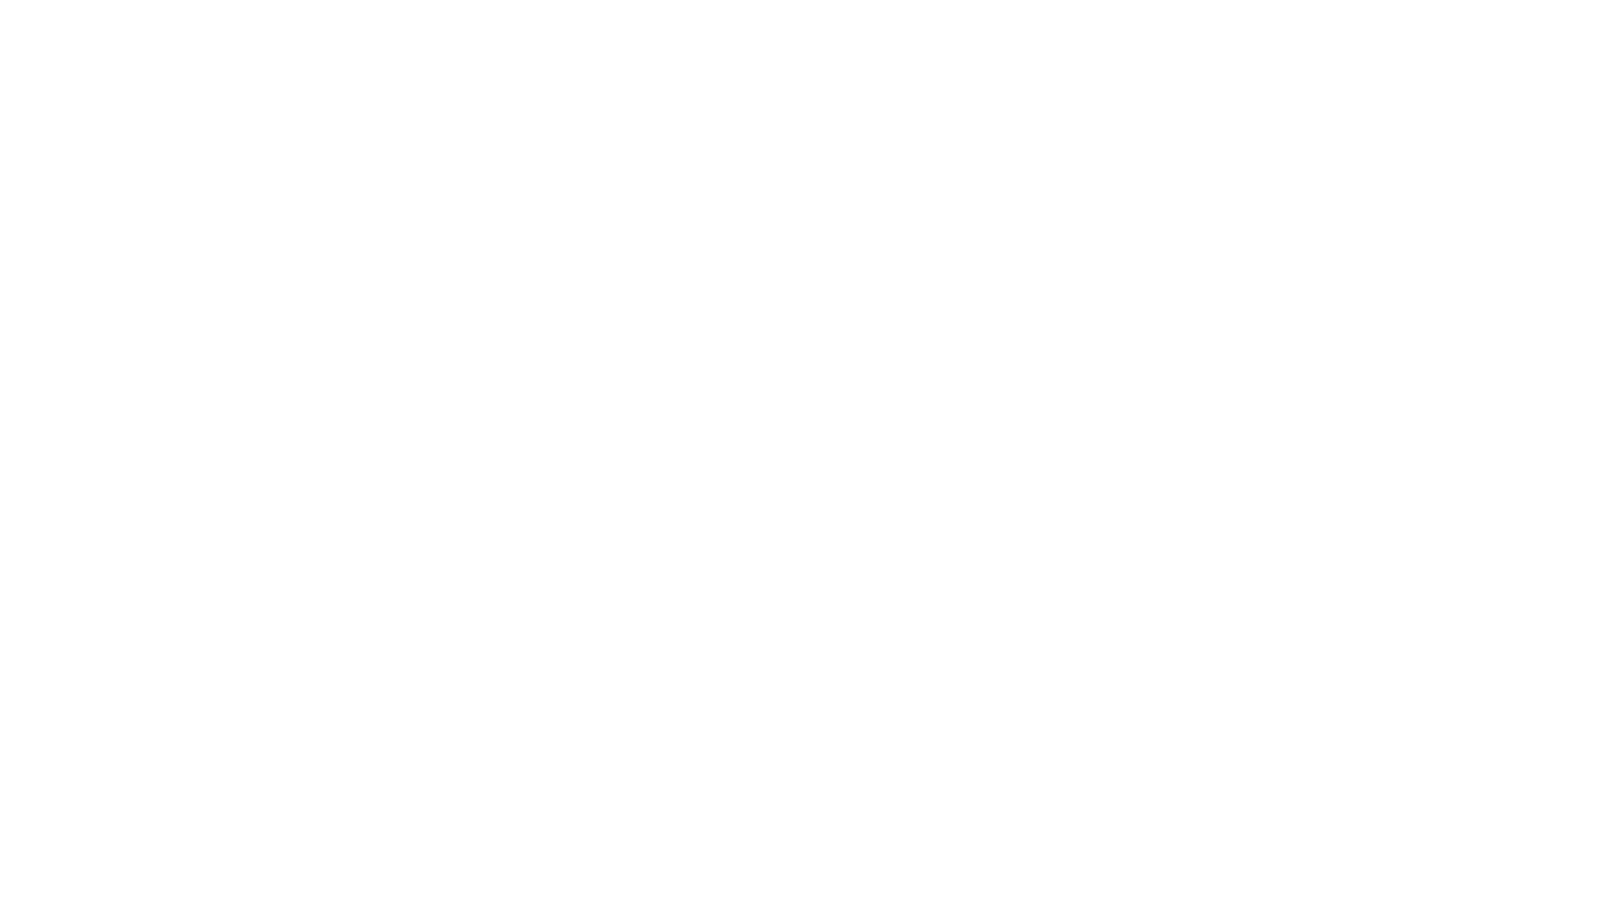 Uvodna reč - Teodora Manjenčić  Iskra Cvetković i Teodora Lončarević - Pripremni razred - klasa - Isidora Skuratović Dragan Laković - Tatin muzičar  Antonić Maša - 2. razred OMŠ klasa - Cecilija Tomkić Josip Slavenski - Narodna igra  Nikolina Mićić - 5. razred OMŠ klasa - Ljiljana Nenadović Dejan Sazdanović - Valcer za Tanju  Andrea Posilović - 1. razred TO SMŠ klasa - Cecilija Tomkić Isidor Bajić - Sanje  MIhajlo Tojić - 4. razred OMŠ klasa - Branka Panić Narodna muzika: Čačak kolo, Užičko kolo  Aleksandra Zec - 3. razred TO SMŠ klasa - Cecilija Tomkić Marko Tajčević - Tužna reka   Nina Ilić - 5. razred OMŠ Dušan Bogdanović - Trg patuljaka  Mihajlo Radovanović - 4. razred OMŠ klasa - Mirjana Milaković  Milomir Dojčinović - Dečja svita br.1, I stav  Ognjen Lukić - 1. razred OMŠ klasa - Mirjana Milaković  V. V. Terzić - Na konjiću  Strahinja Simeunović  - 3. razred OMŠ klasa - Mirjana Milaković  V. V. Terzić - Etida br. 27  Ljubica Jovanović -  2. razred OMŠ klavirska saradnja - Vanja Vuletić klasa - Dejan Ljutovac M. Prebanda - Kiša  Ivana Mirosavljević Dušan Bogdanović - Misteriozna prebivališta  Ilija Sretenović - 1. razred SMŠ klasa - Leon Kajon Dejan Despić - Devet igara za klarinet - br.2  Emilija Pušić klavirska saradnja - Tara Vukadinović - 2. razred SMŠ Marko Nešić - Kokica  Hor - Krančević dirigent - Jovanka Ivanić  1. razred SMŠ Nađa Ordagić Andrea Posilović Anđela Relić 2. razred SMŠ Selena Petrović Jelena Pačirski Nina Sinković Irina Trivić Tara Vukadinović Mina Đorđević Isidora Grozdanović Sara Buček Luka Jozić 3. razred SMŠ Jovana Batanjac Jovana Antonić Olivera Nikolajević Anđela Tomić Darja Maksimočeva Aleksandra Teodorović Teodora Toljaga Nikola Kolarov Jovan Sinđić Bogdan Bibić Vitomir Načev  Lj. Bošnjaković - Pesme iz Vojvodine  R. Arnautović (aranžman sevdalinke) S one strane Plive  A. Maksimović Kolovođa - aranžman V. Ilić  Zaspo Janko srpska pesma sa Kosova u aranžmanu Dušana Pokrajčića   jun 2021.   Muzička škola Petar Krančević - Sremska Mitr